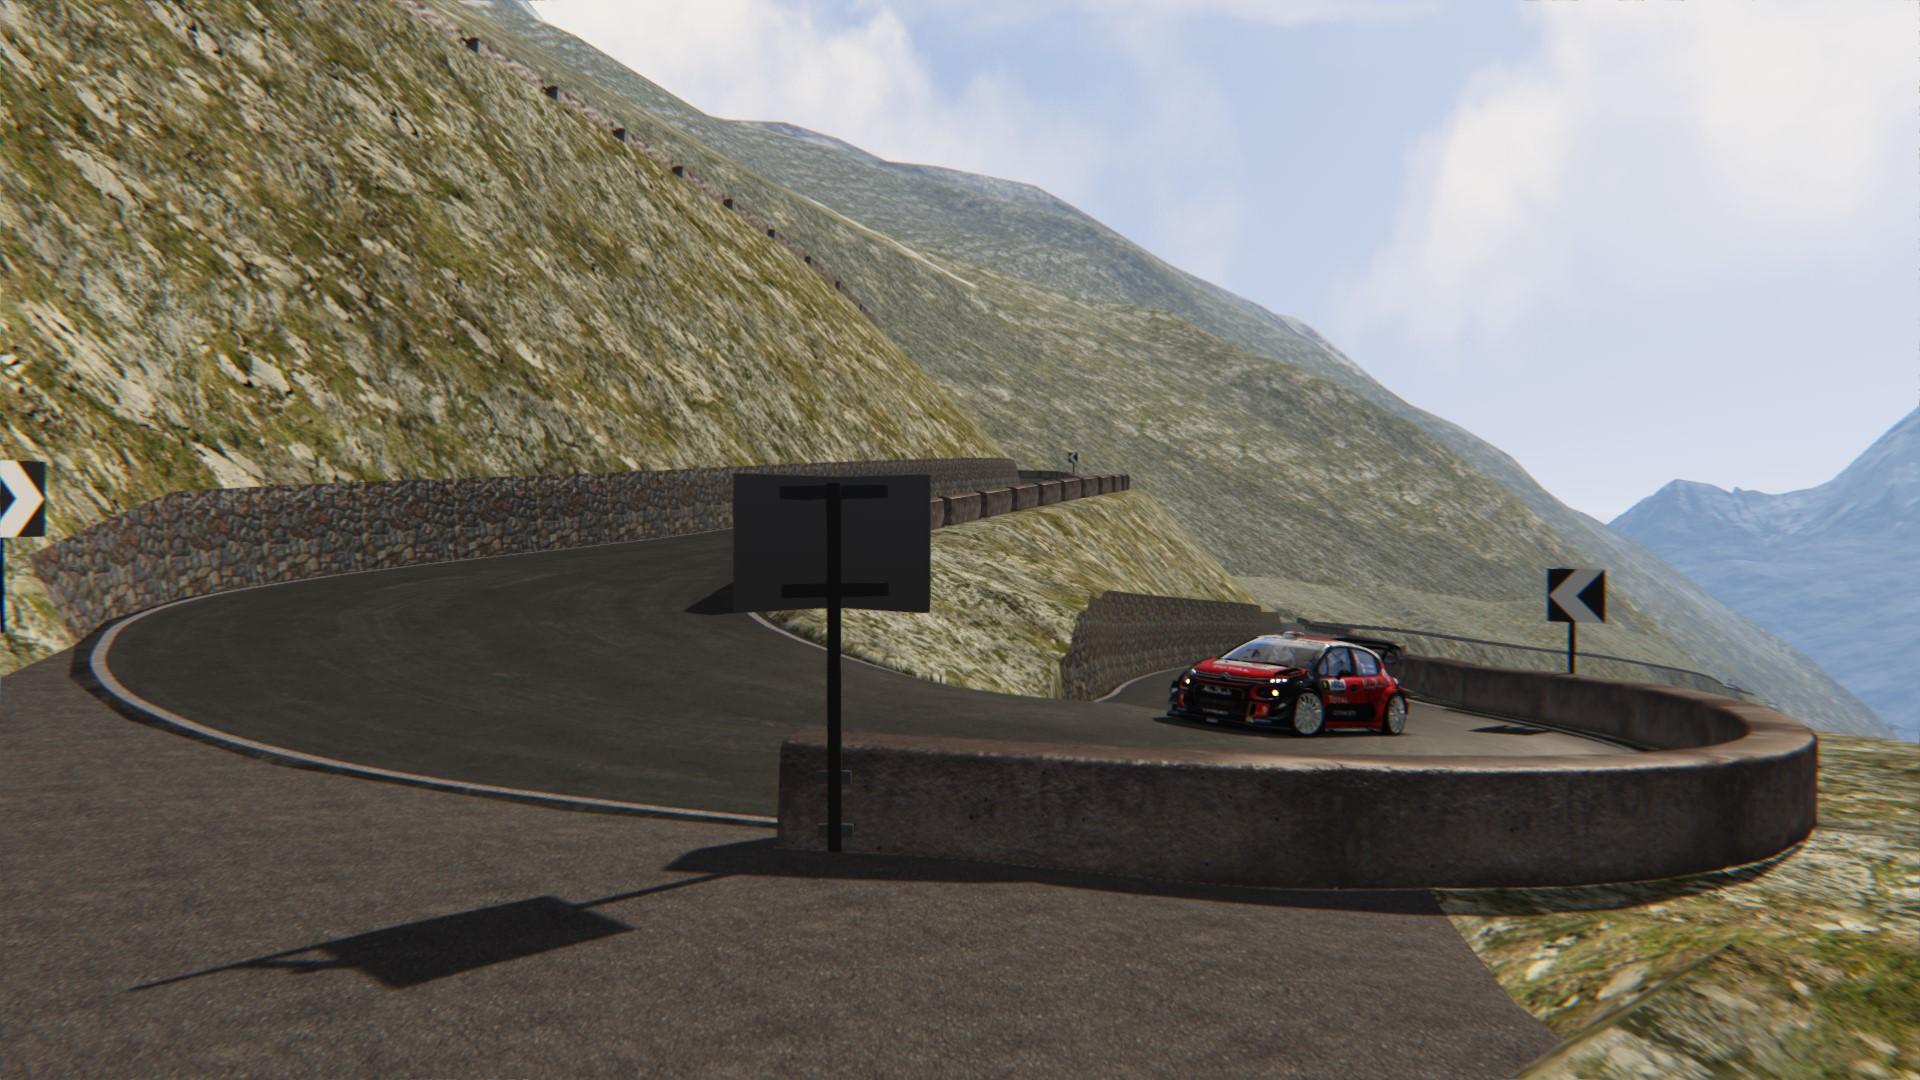 Screenshot_wrc_citroen_c3_alpine_pass_2-2-120-11-33-1.jpg